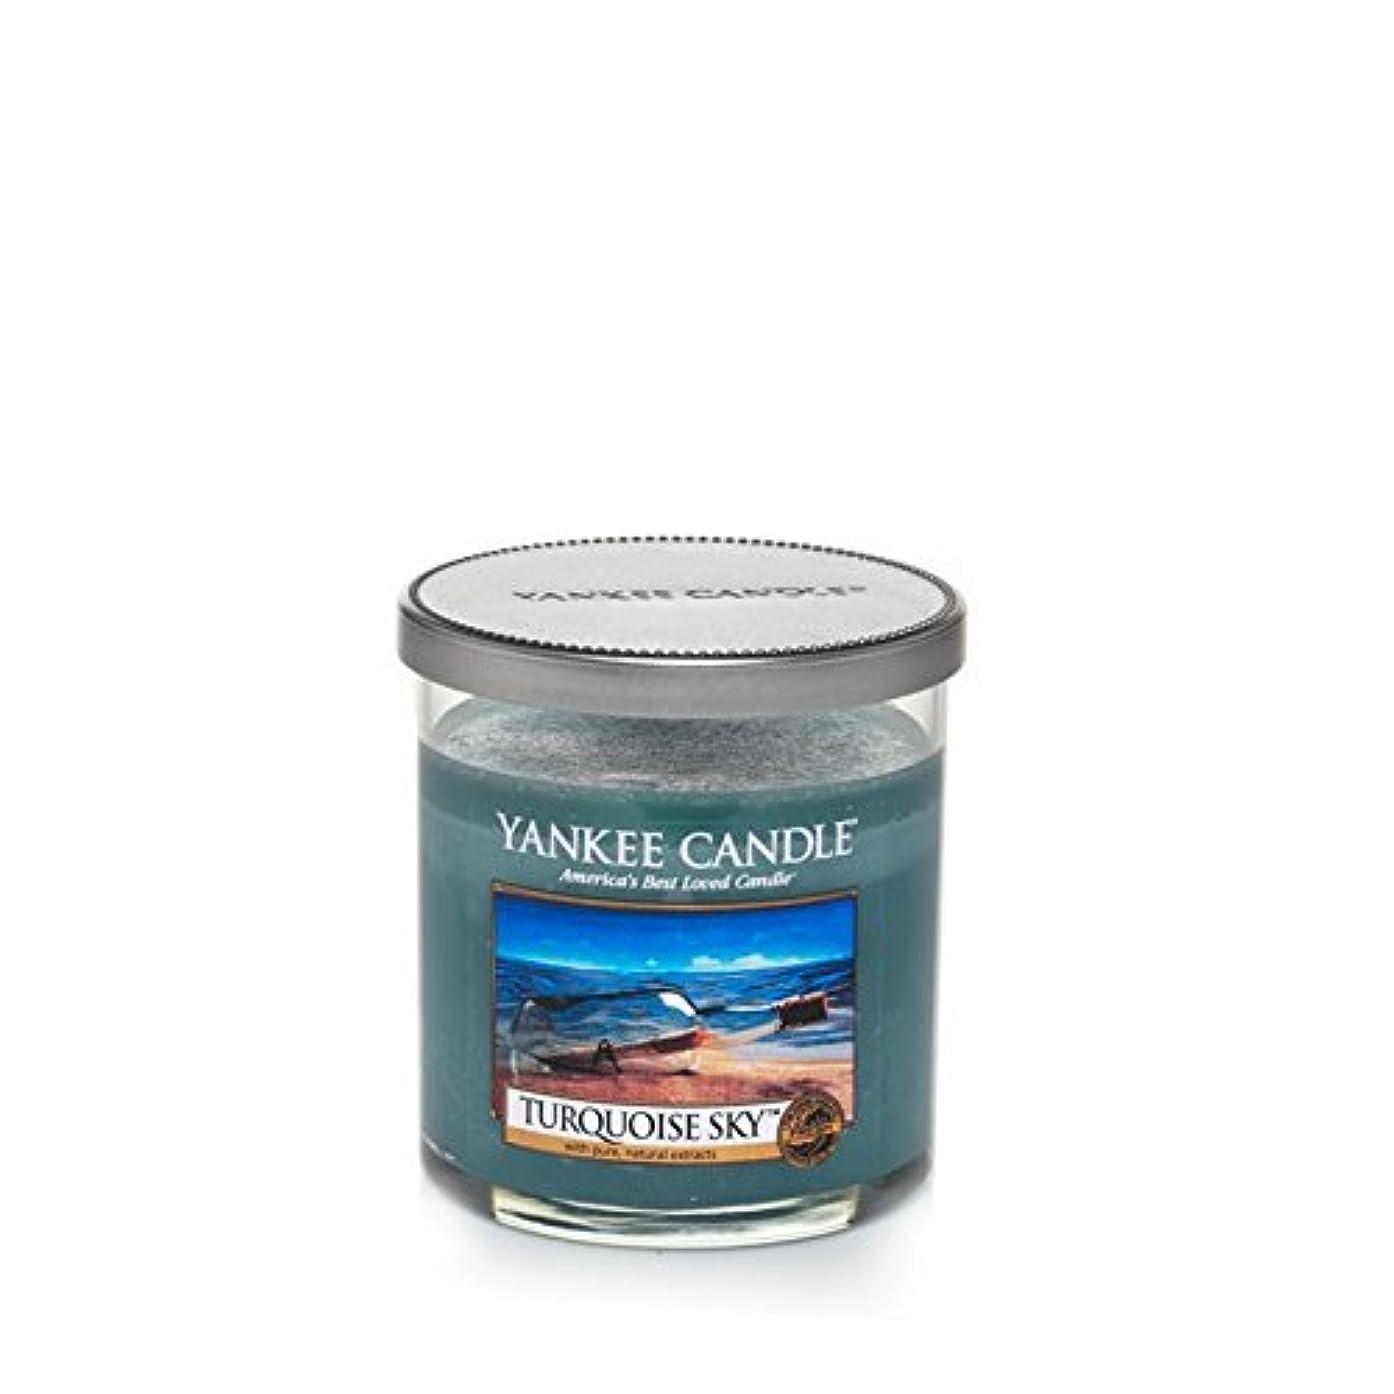 方程式量嘆願ヤンキーキャンドルの小さな柱キャンドル - ターコイズの空 - Yankee Candles Small Pillar Candle - Turquoise Sky (Yankee Candles) [並行輸入品]